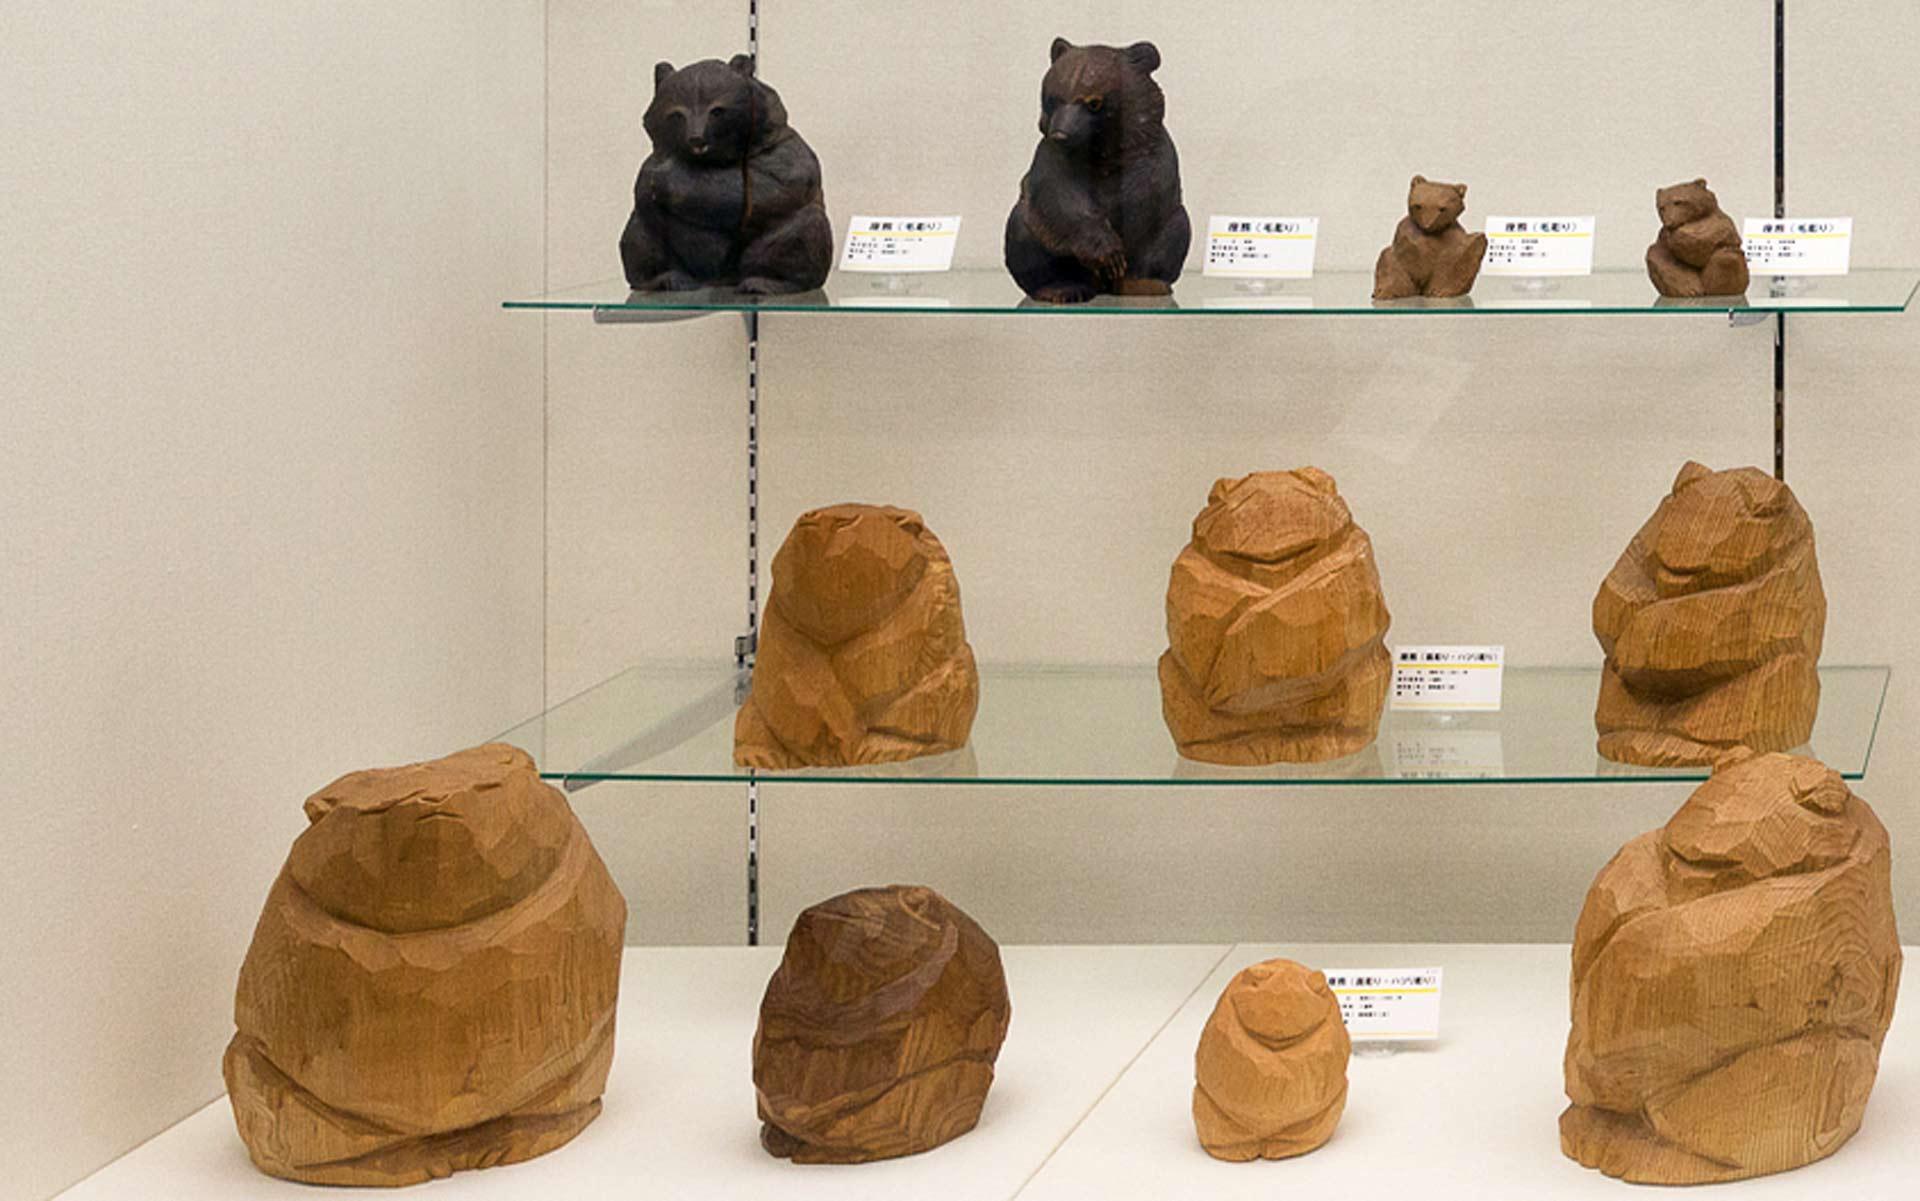 「面彫り」の木彫り熊たち 柴崎重行作